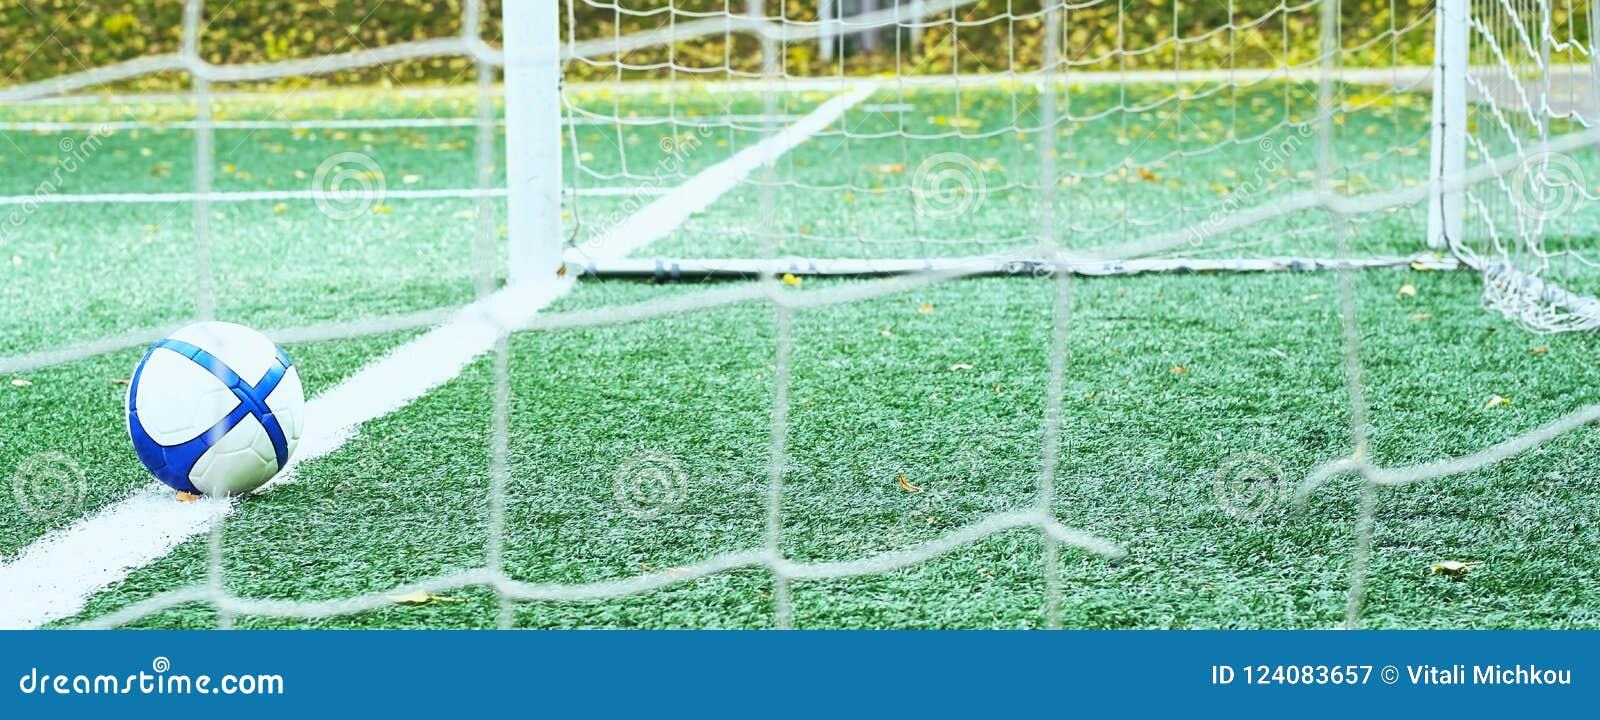 Fotbollboll som ligger på mållinjen Foto till och med portrastret